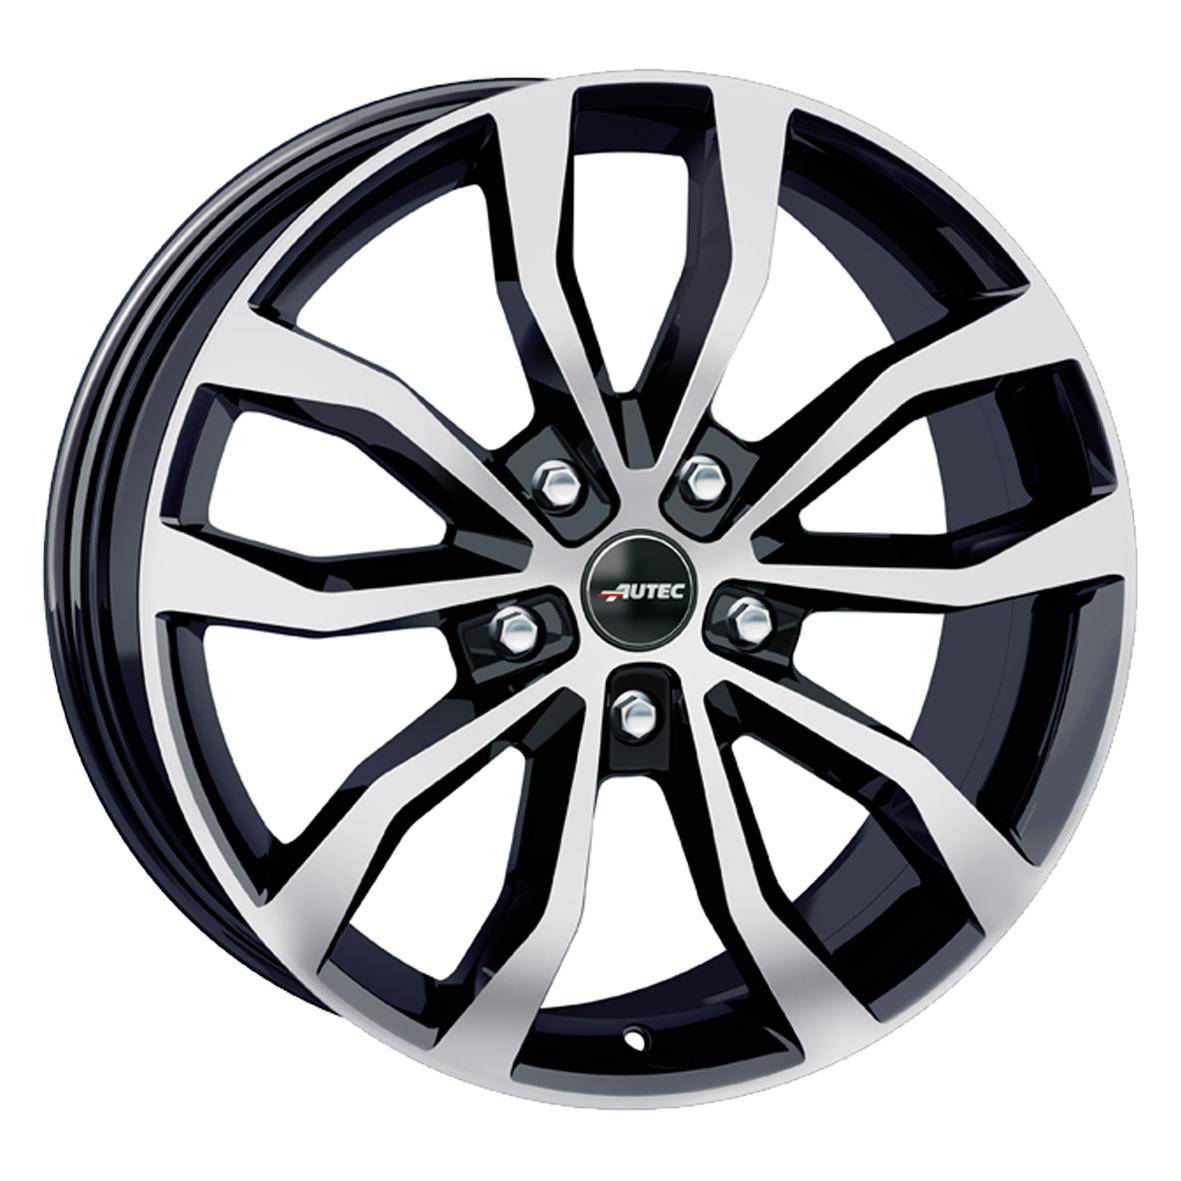 Autec 5X110 8.5X19 ET30 65.1 Uteca-swp